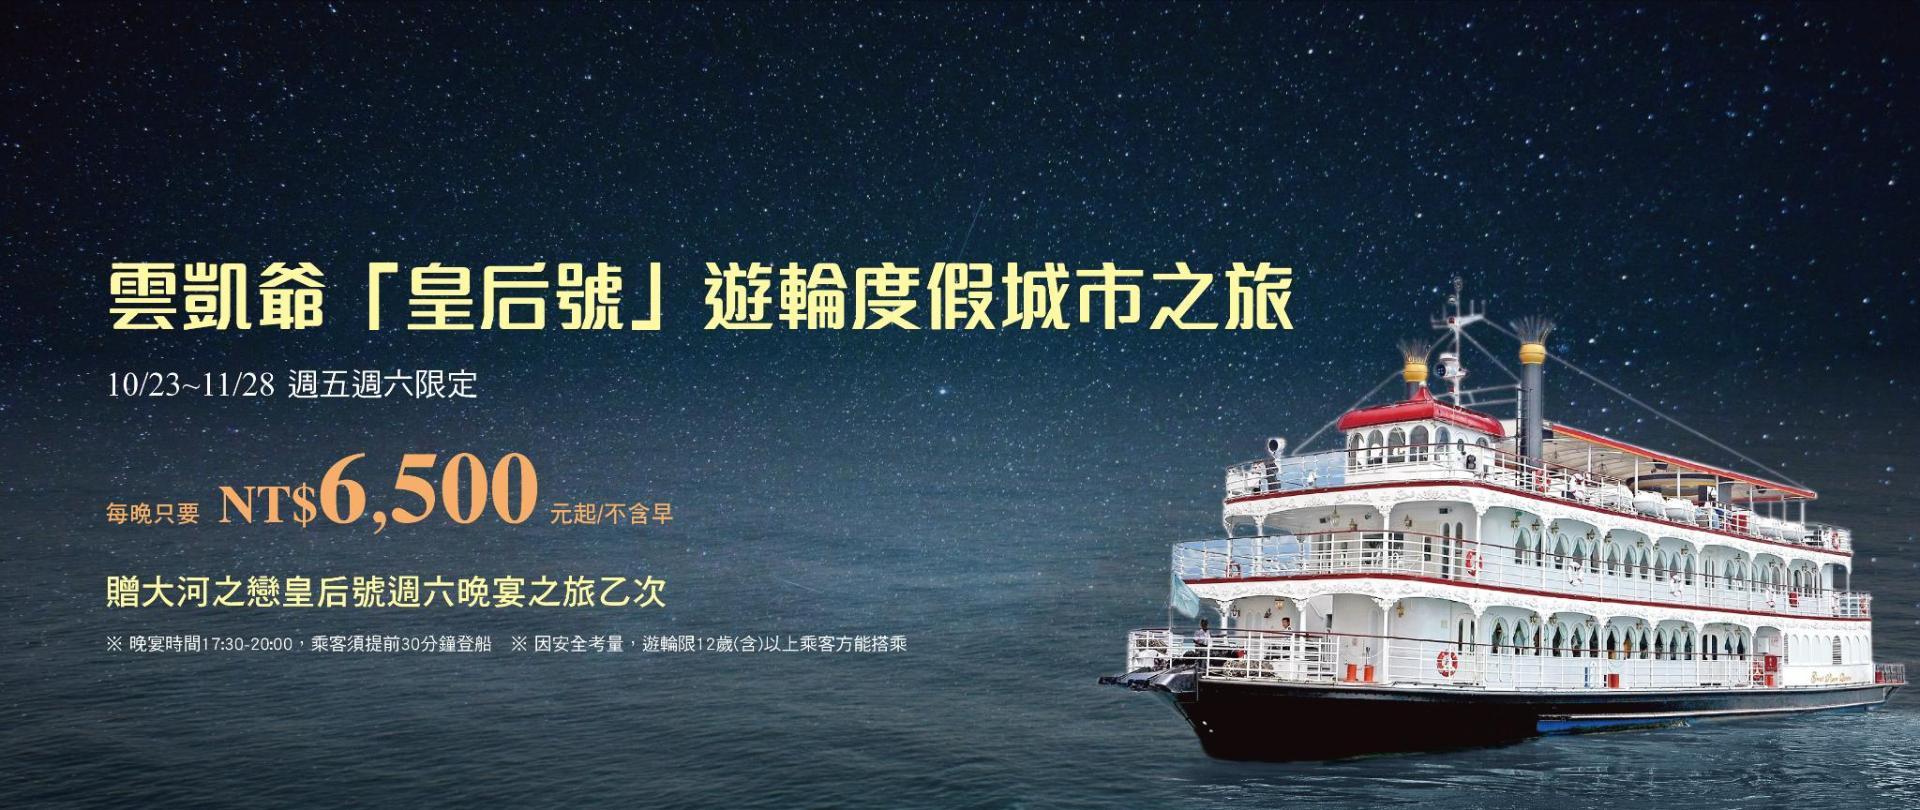 官網Slide-Show4000X1688_CLR遊輪之旅住房專案A.jpg